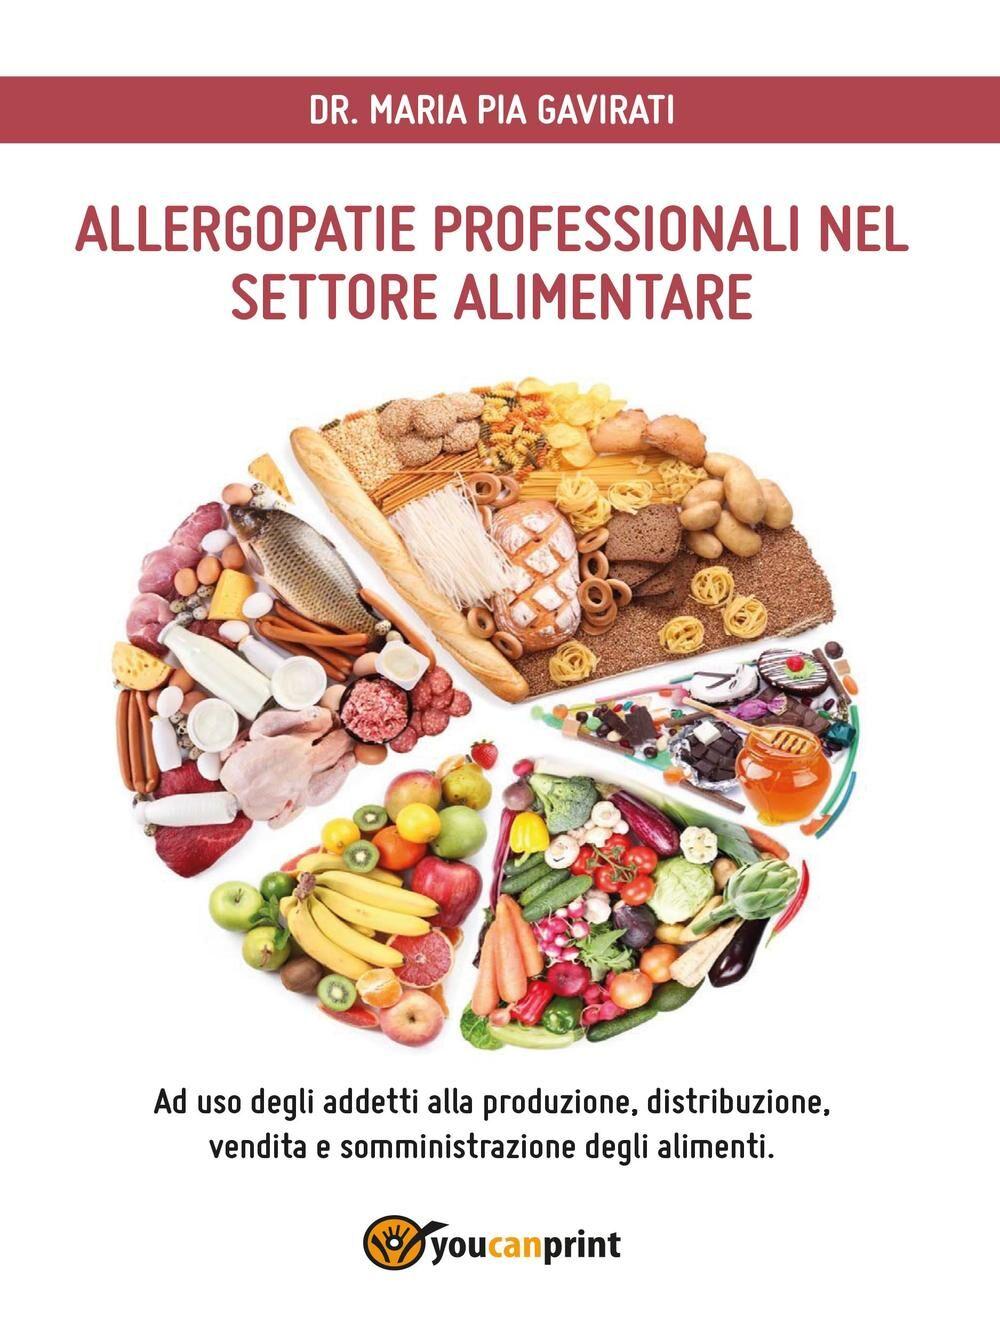 Allergopatie professionali nel settore alimentare